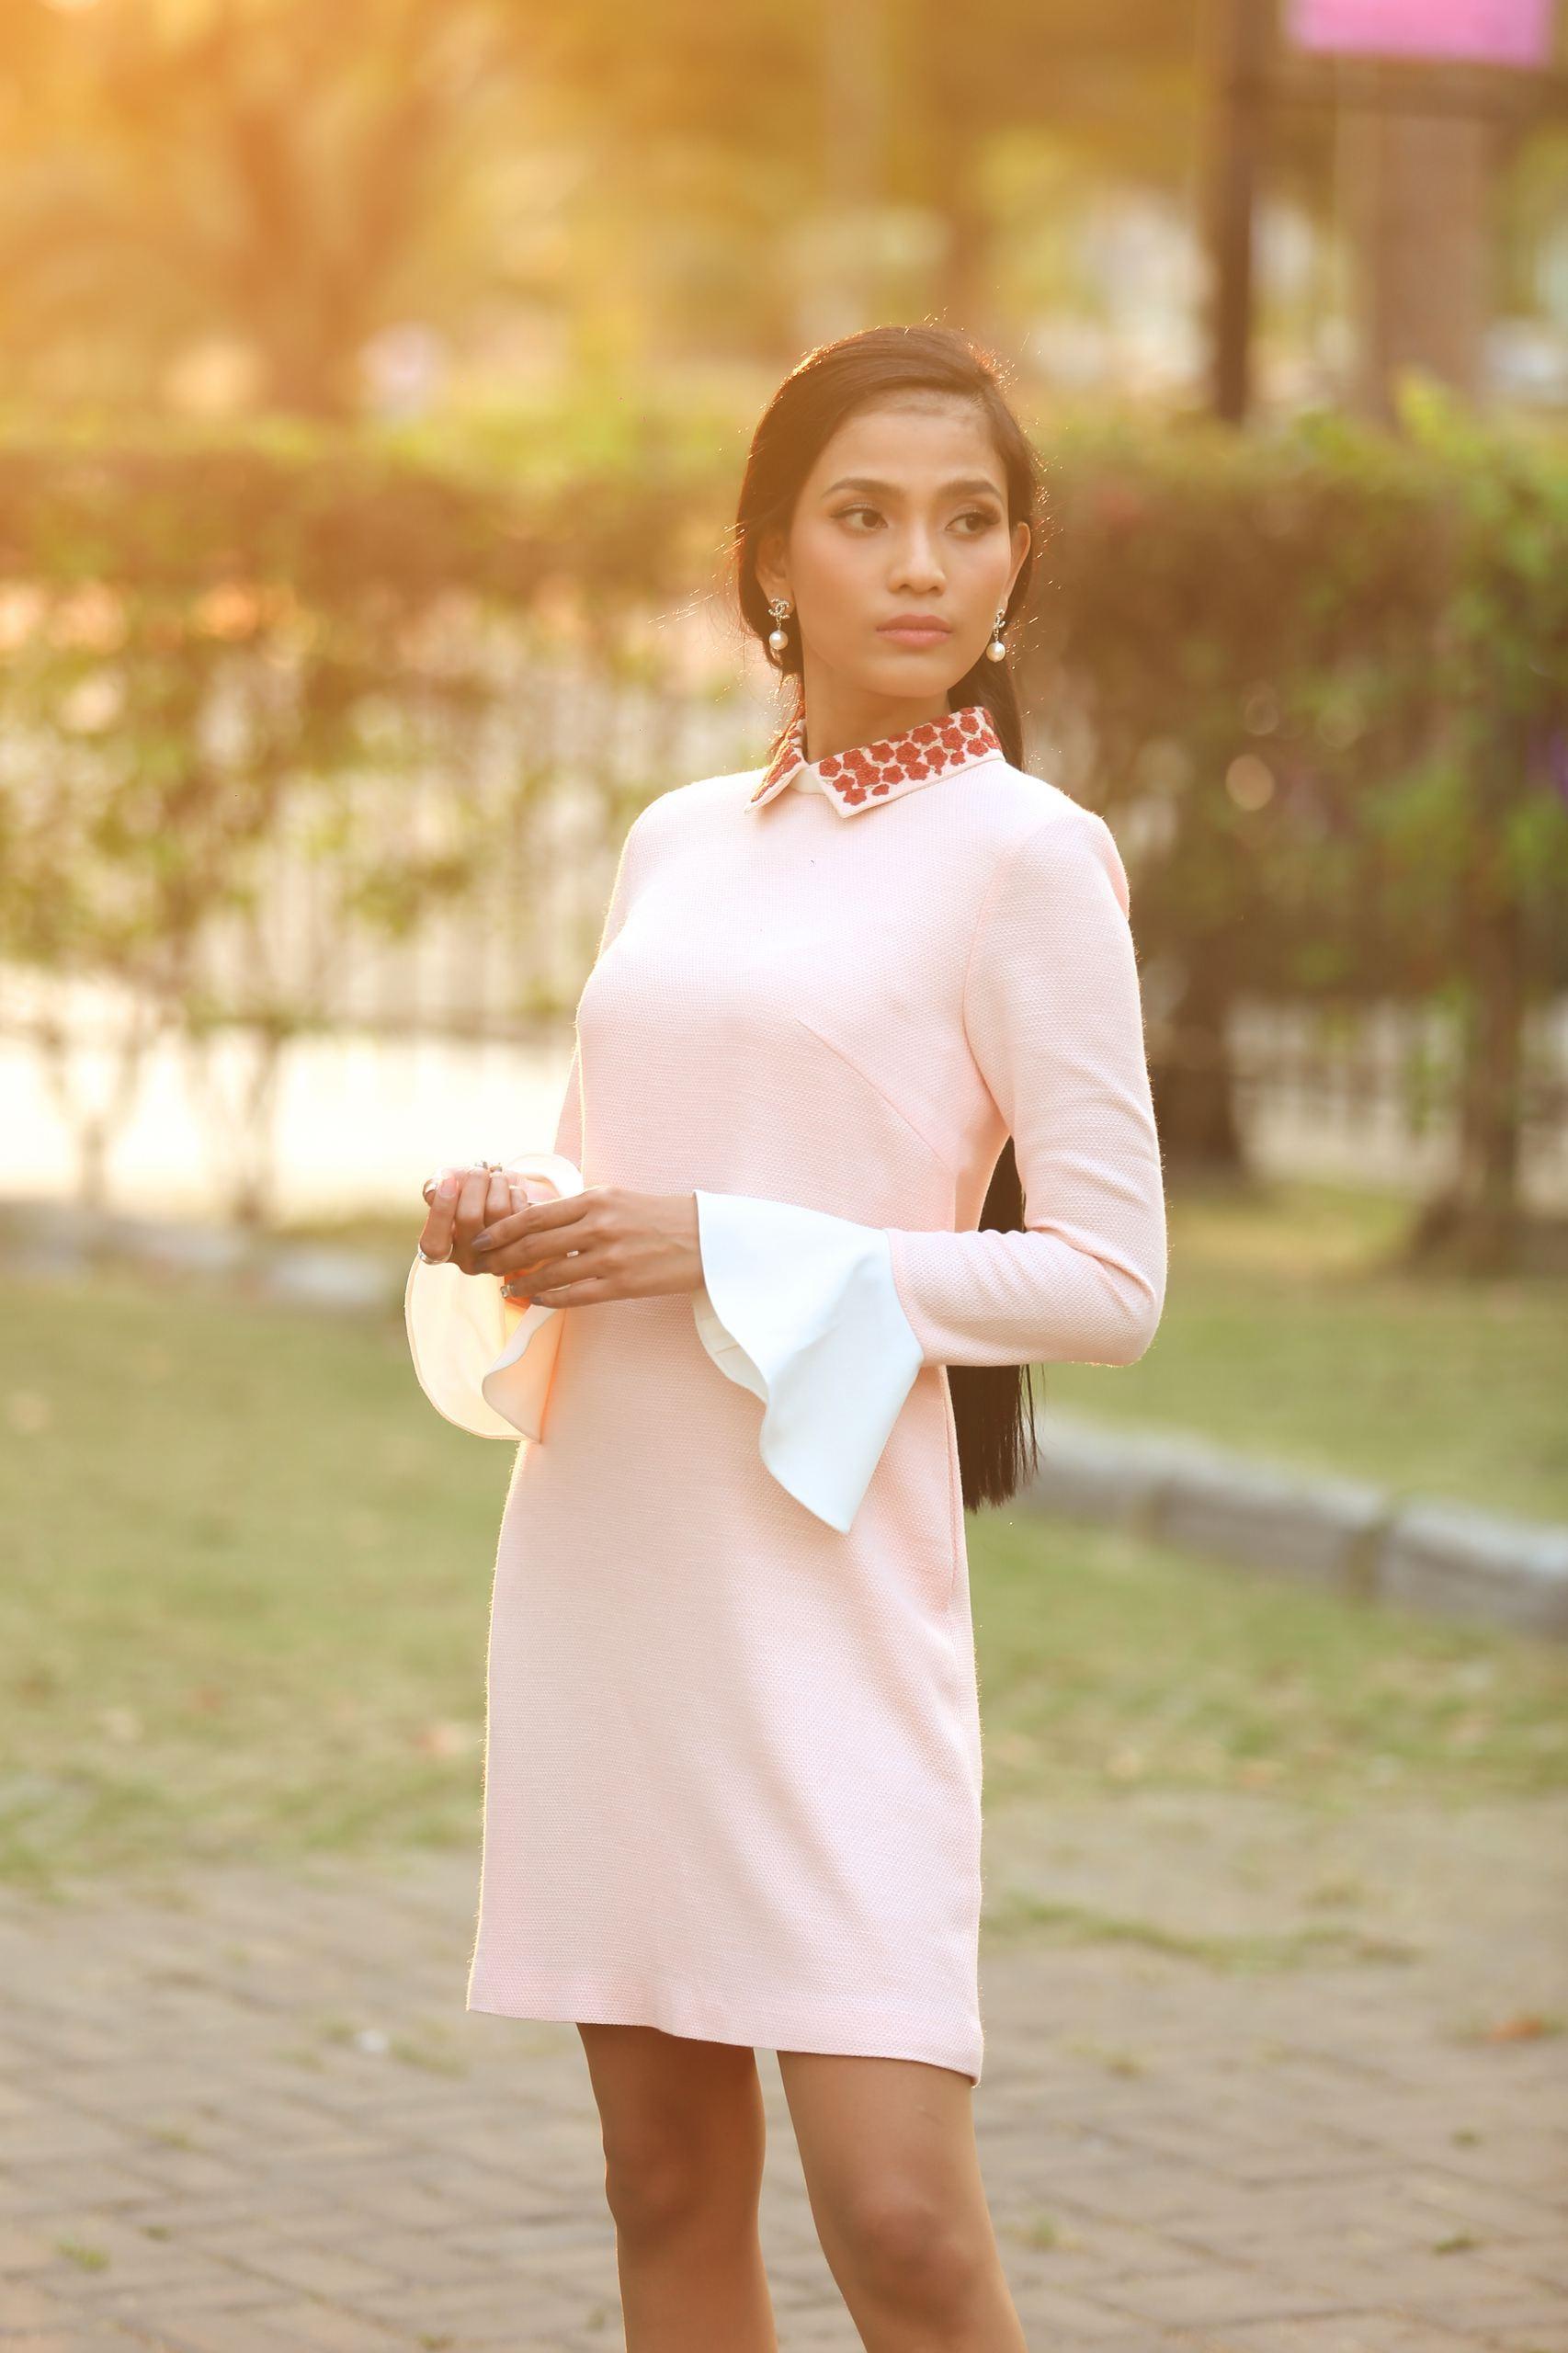 Chiếc đầm suông với một màu trắng tinh khôi tưởng chừng như thật nhàm chán nhưng lại tạo ấn tượng với người đối diện bởi những chi tiết như phần cổ đính hoa tông cam nổi bật, cổ tay nhún bèo.